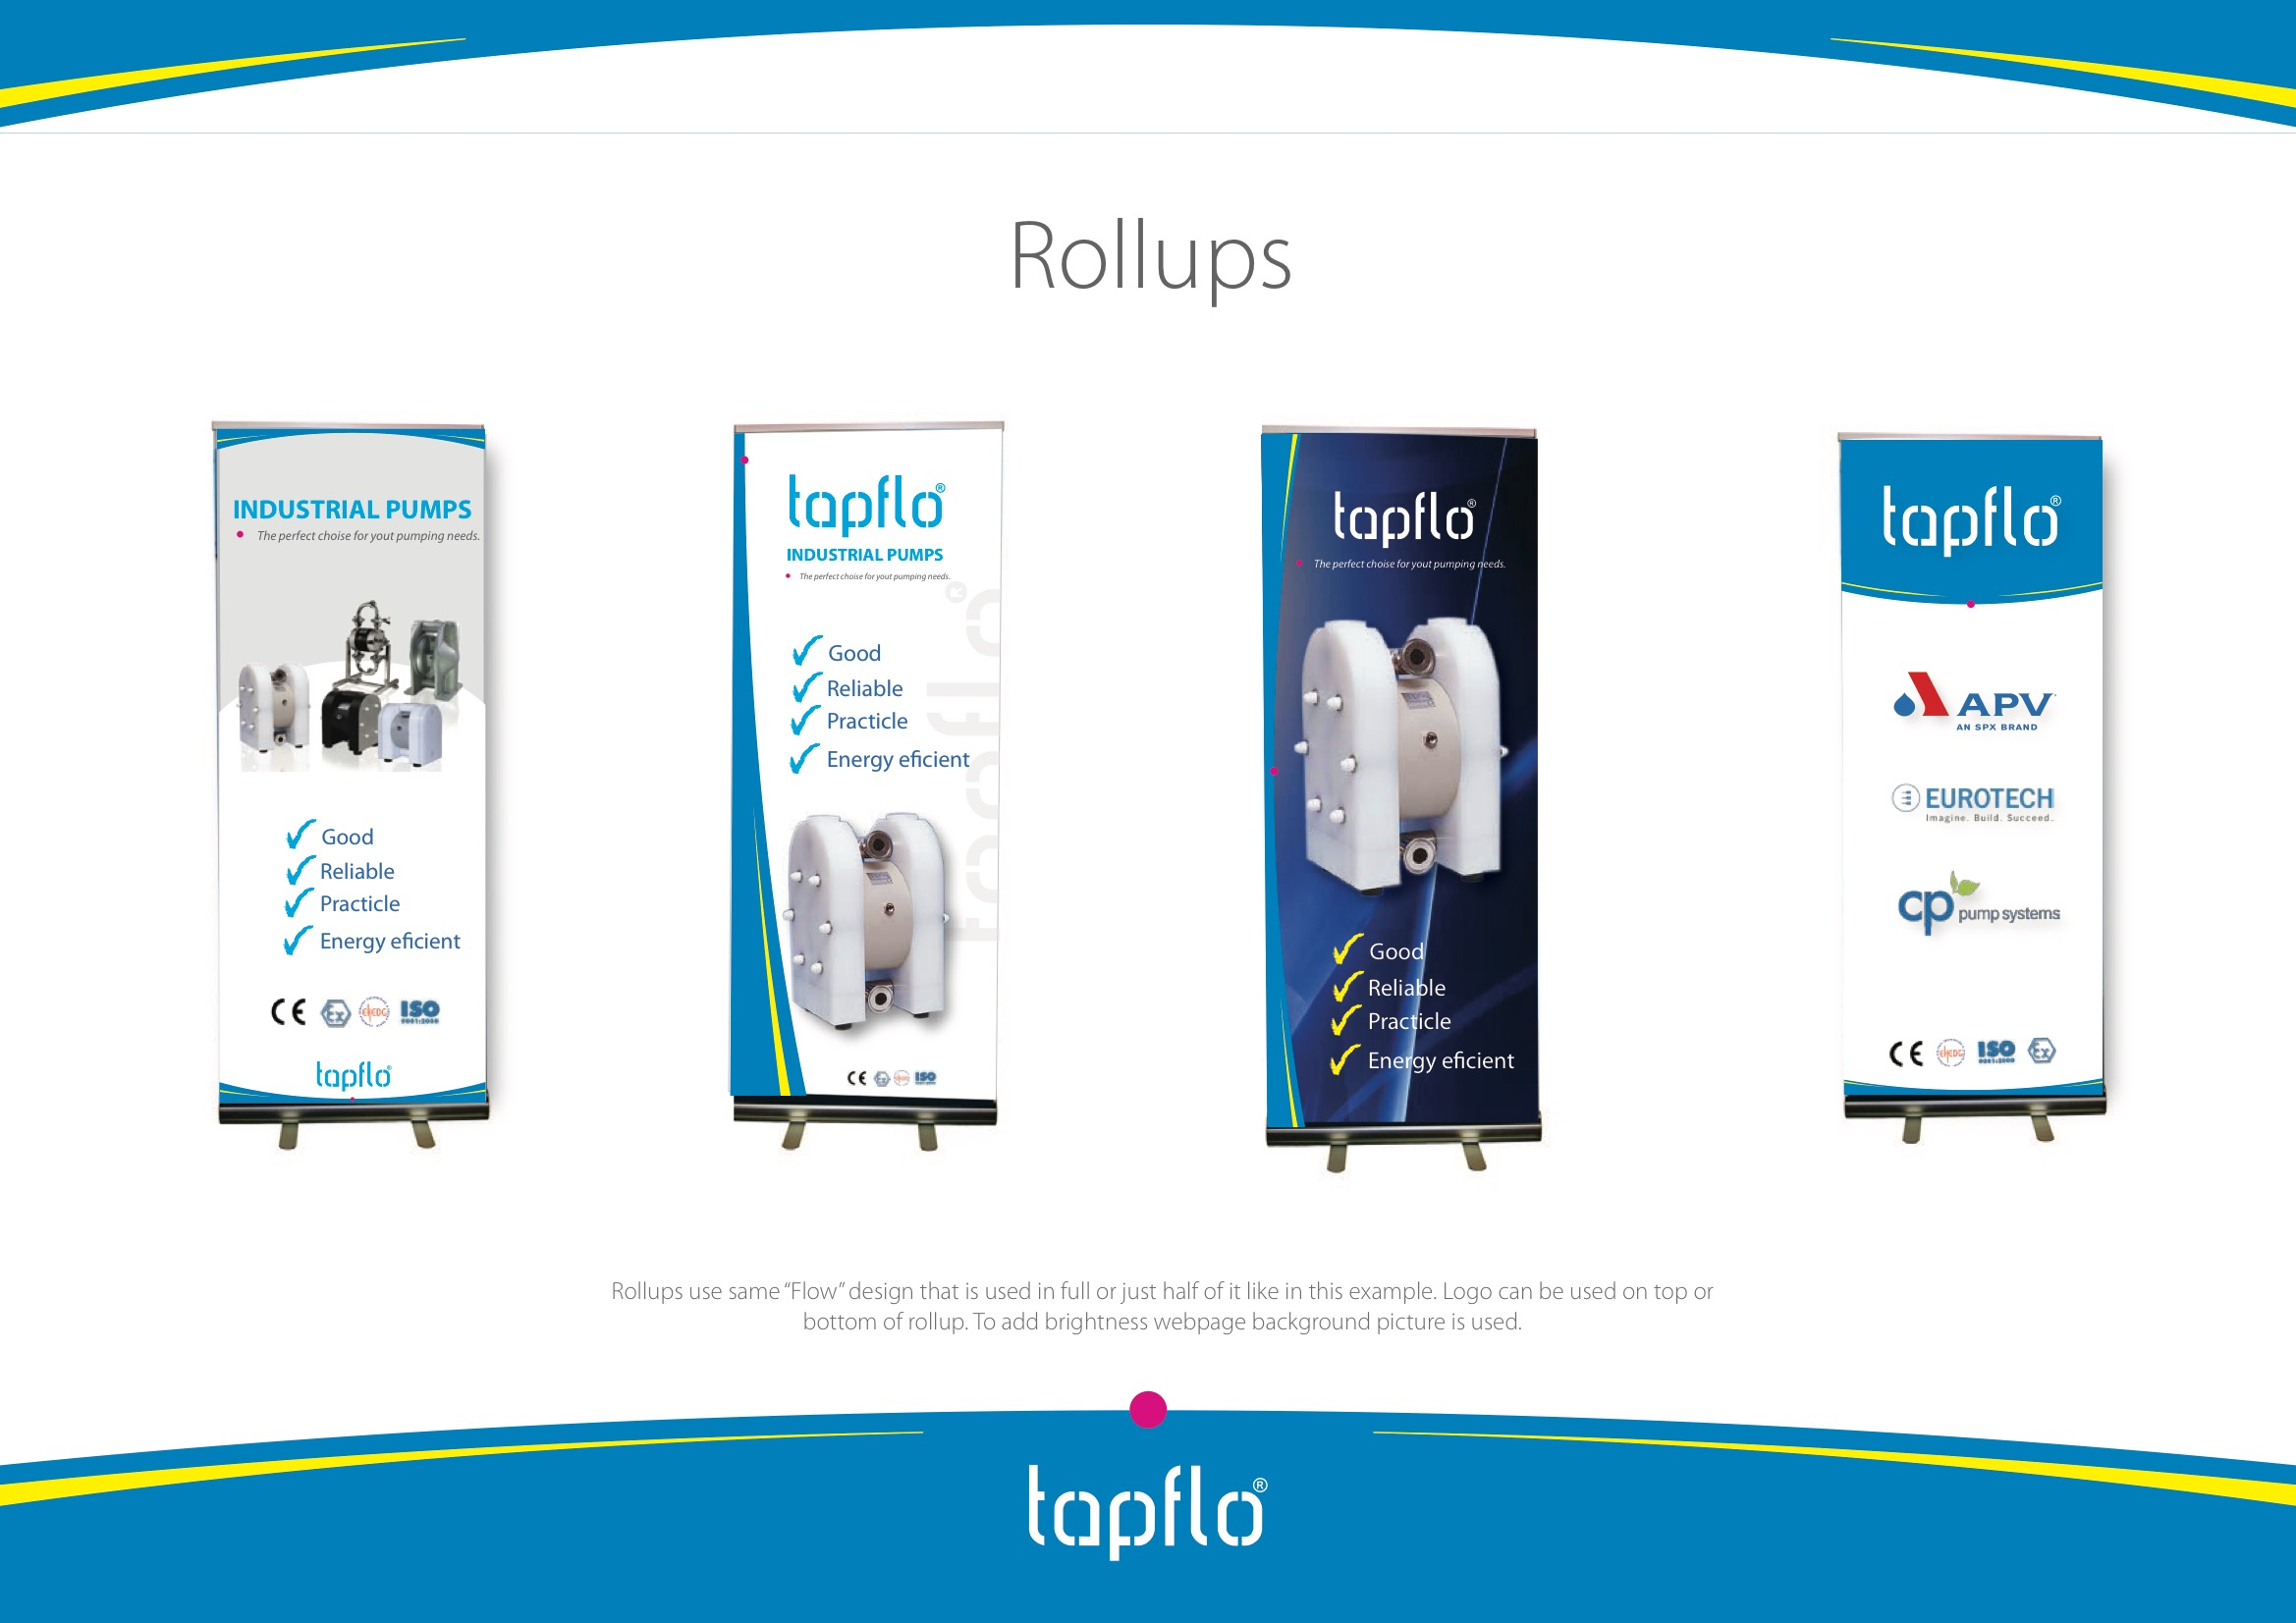 Tapflo_Style_23maijs 19